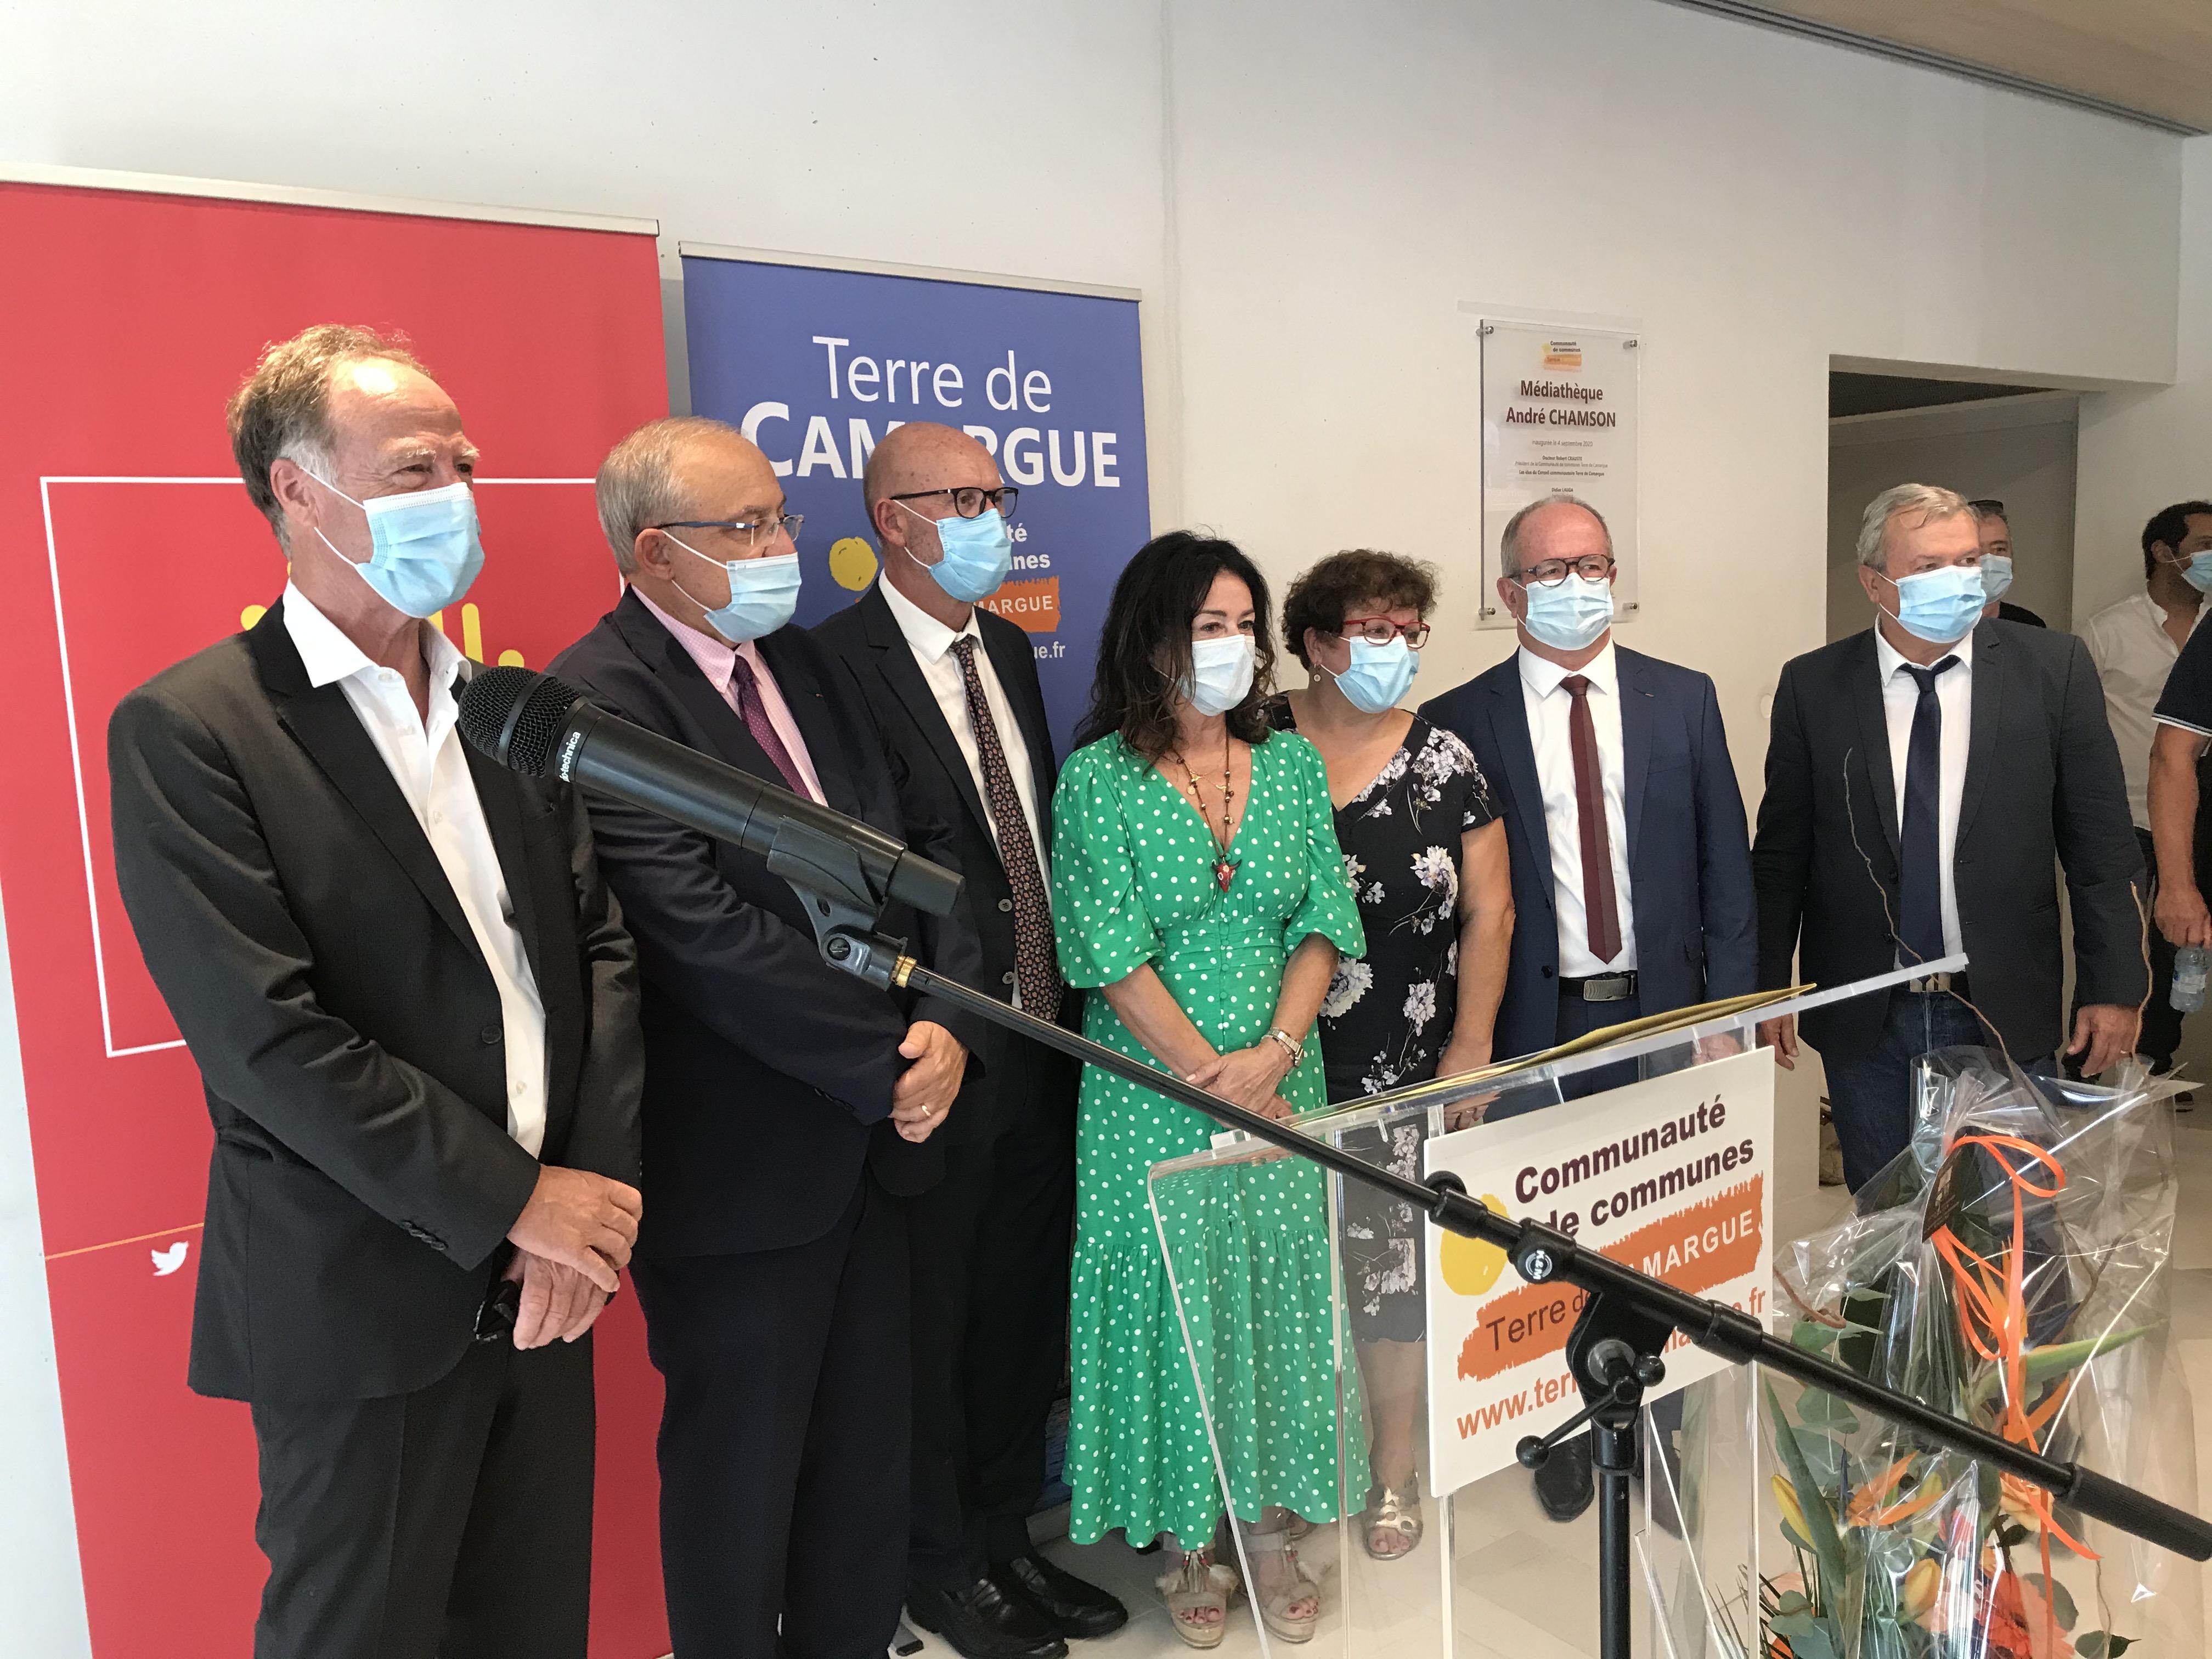 INAUGURATION DE LA MEDIATHEQUE INTERCOMMUNALE ANDRE CHAMSON A AIGUES MORTES